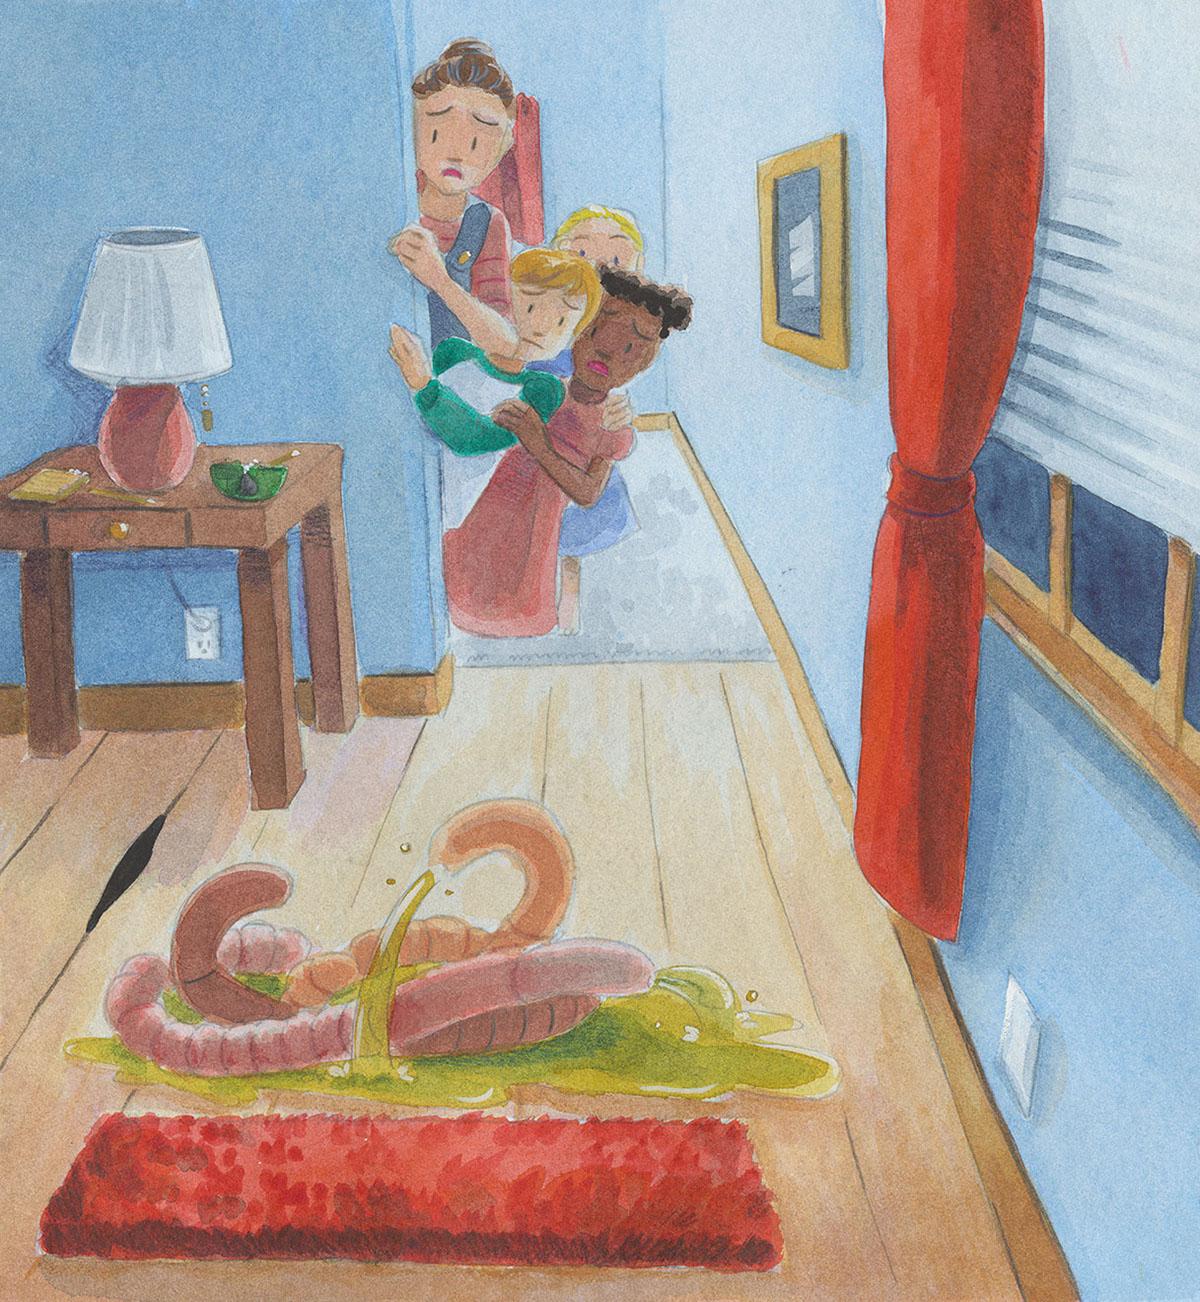 watercolo children's book children's book illustration